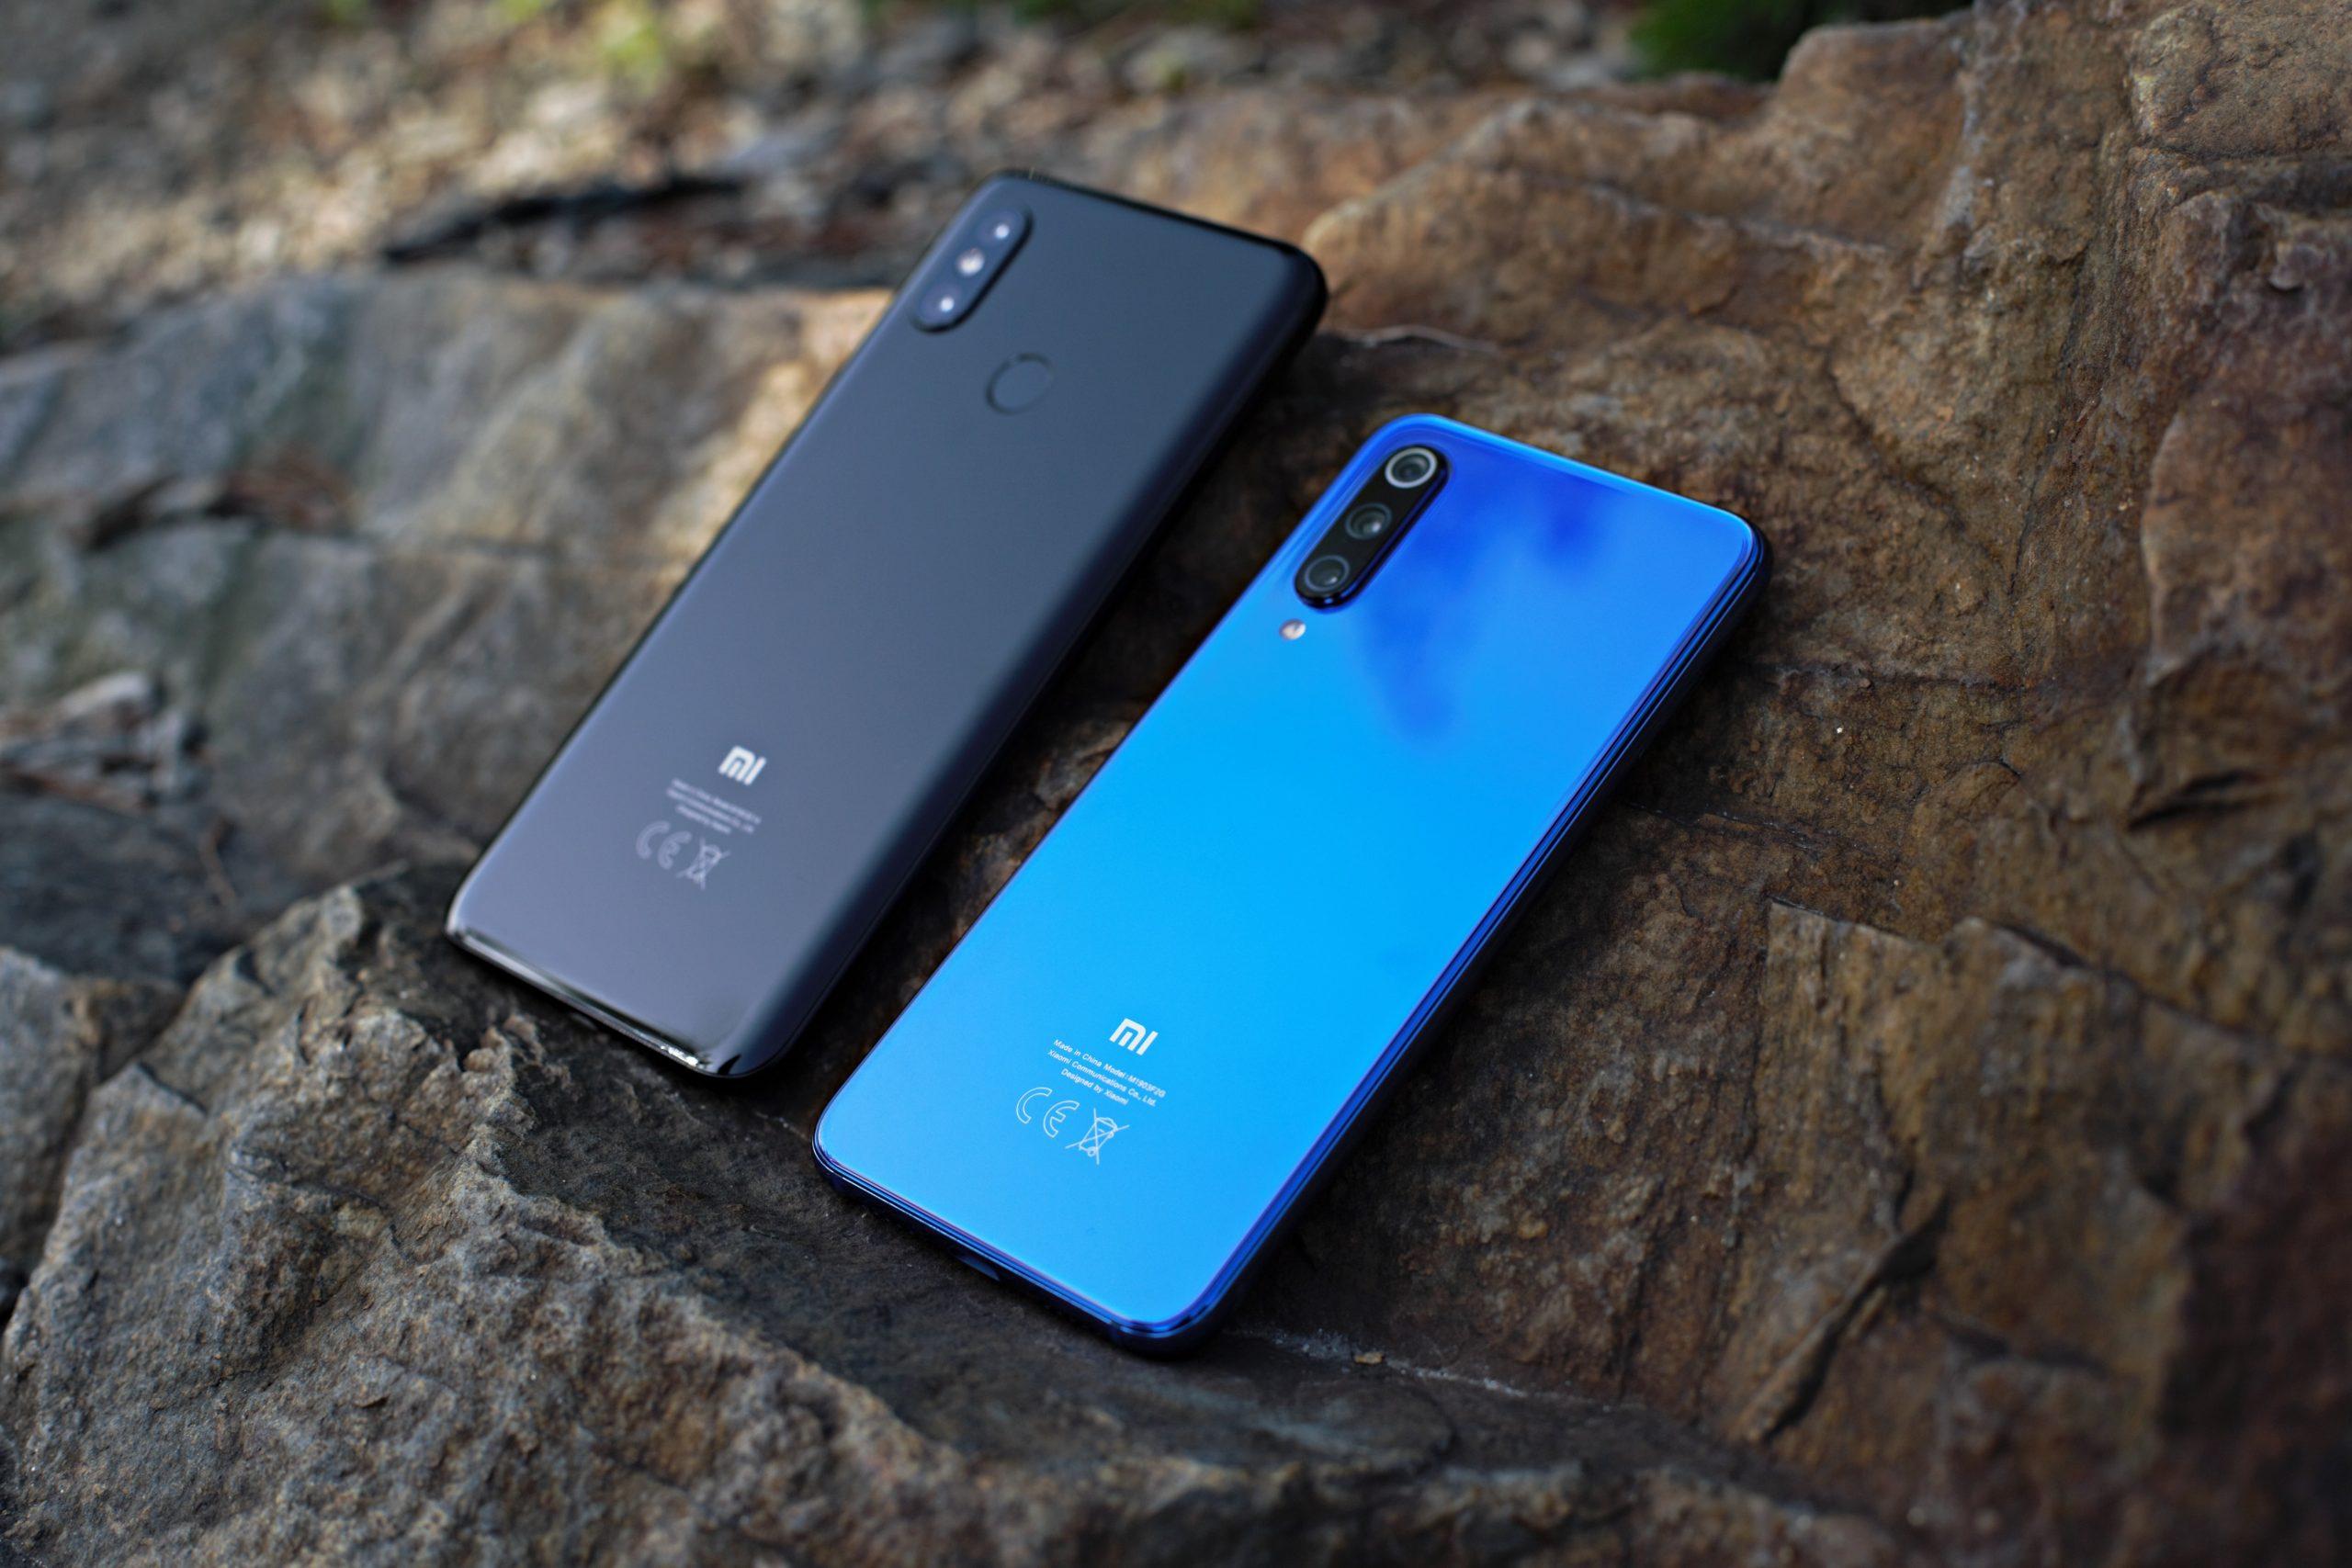 Móviles Xiaomi: ¿Cuáles son los mejores del 2021?